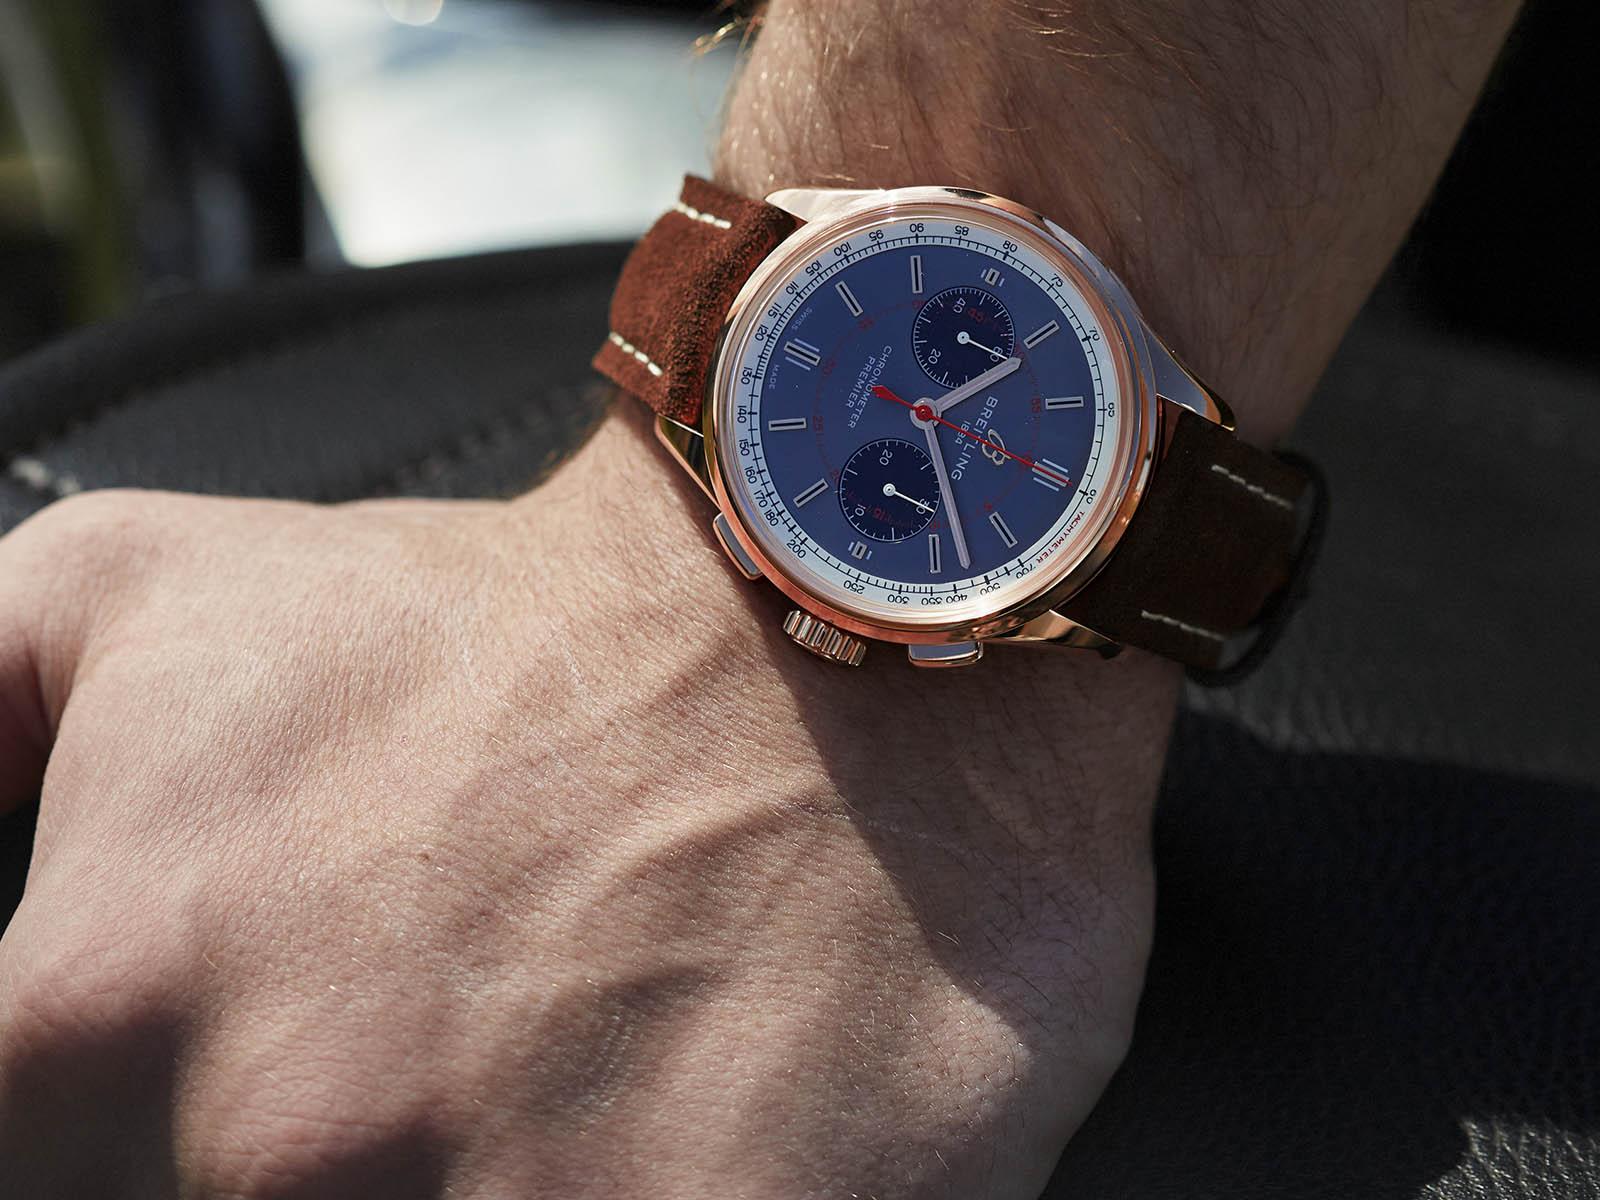 rb0118a31b1x1-breitling-premier-b01-chronograph-42-limited-edition-5.jpg